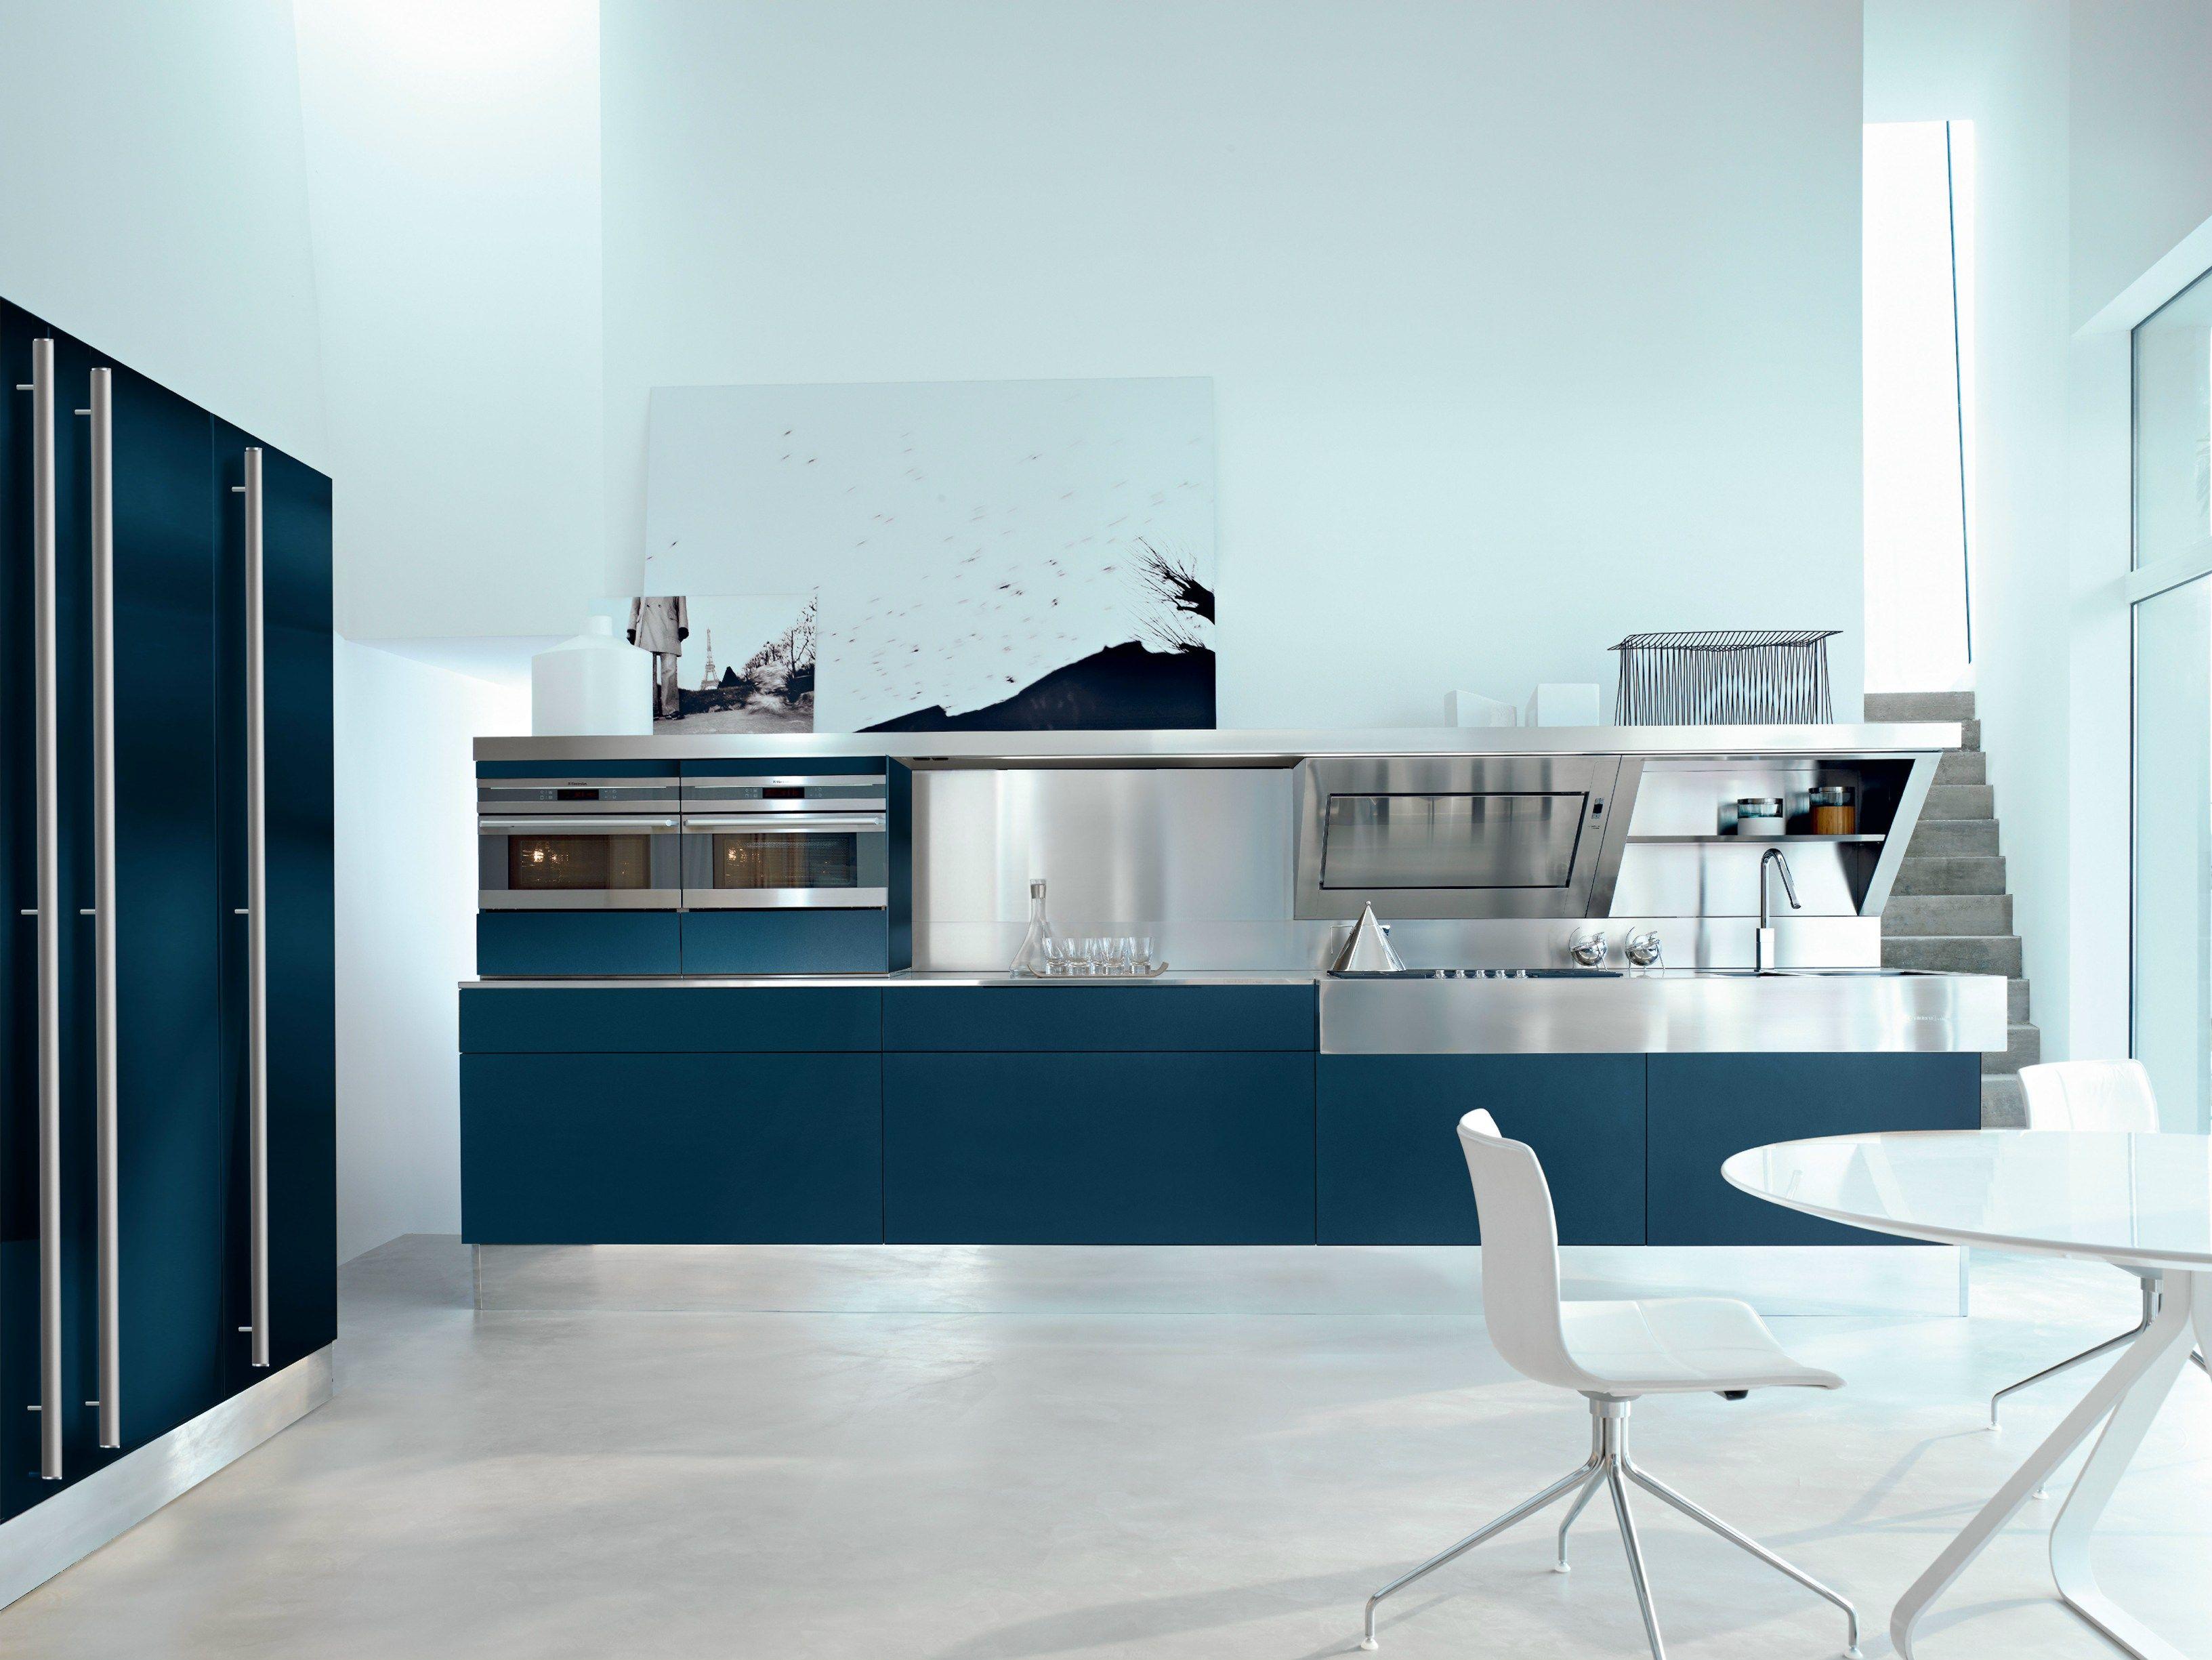 Cucina Componibile Kube By Snaidero Design Giovanni Offredi